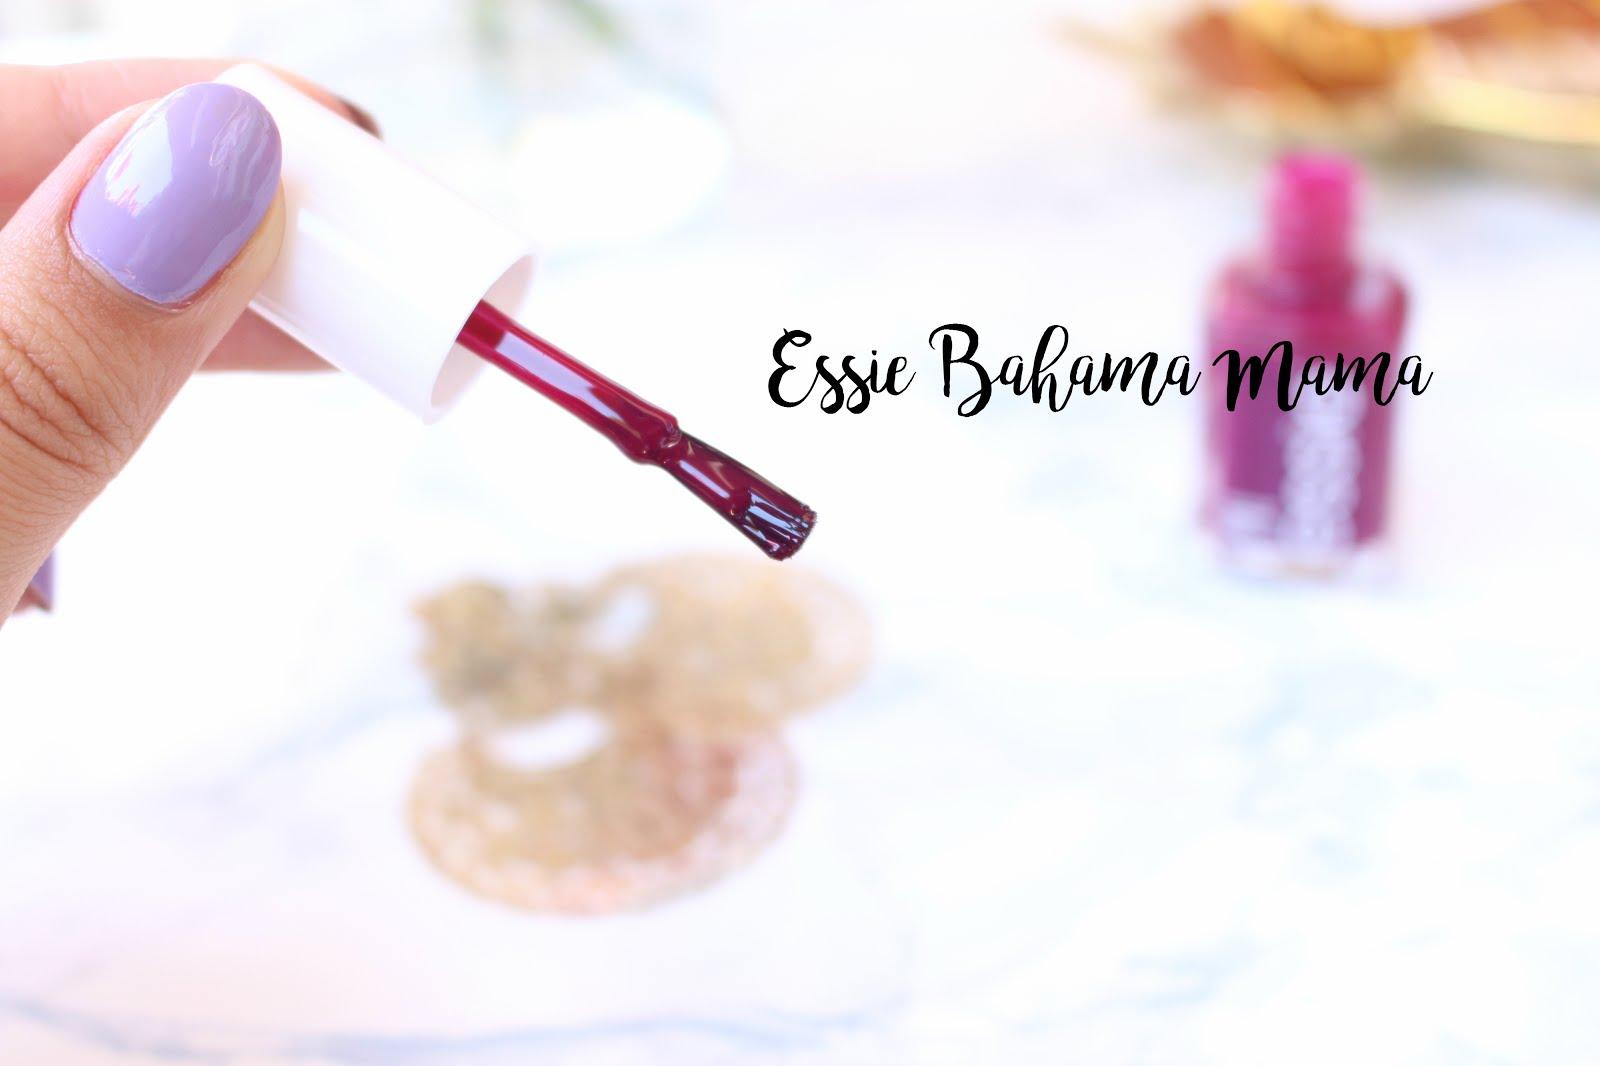 essie bahama mama,  essie nail polish bahama mama, bahama mama